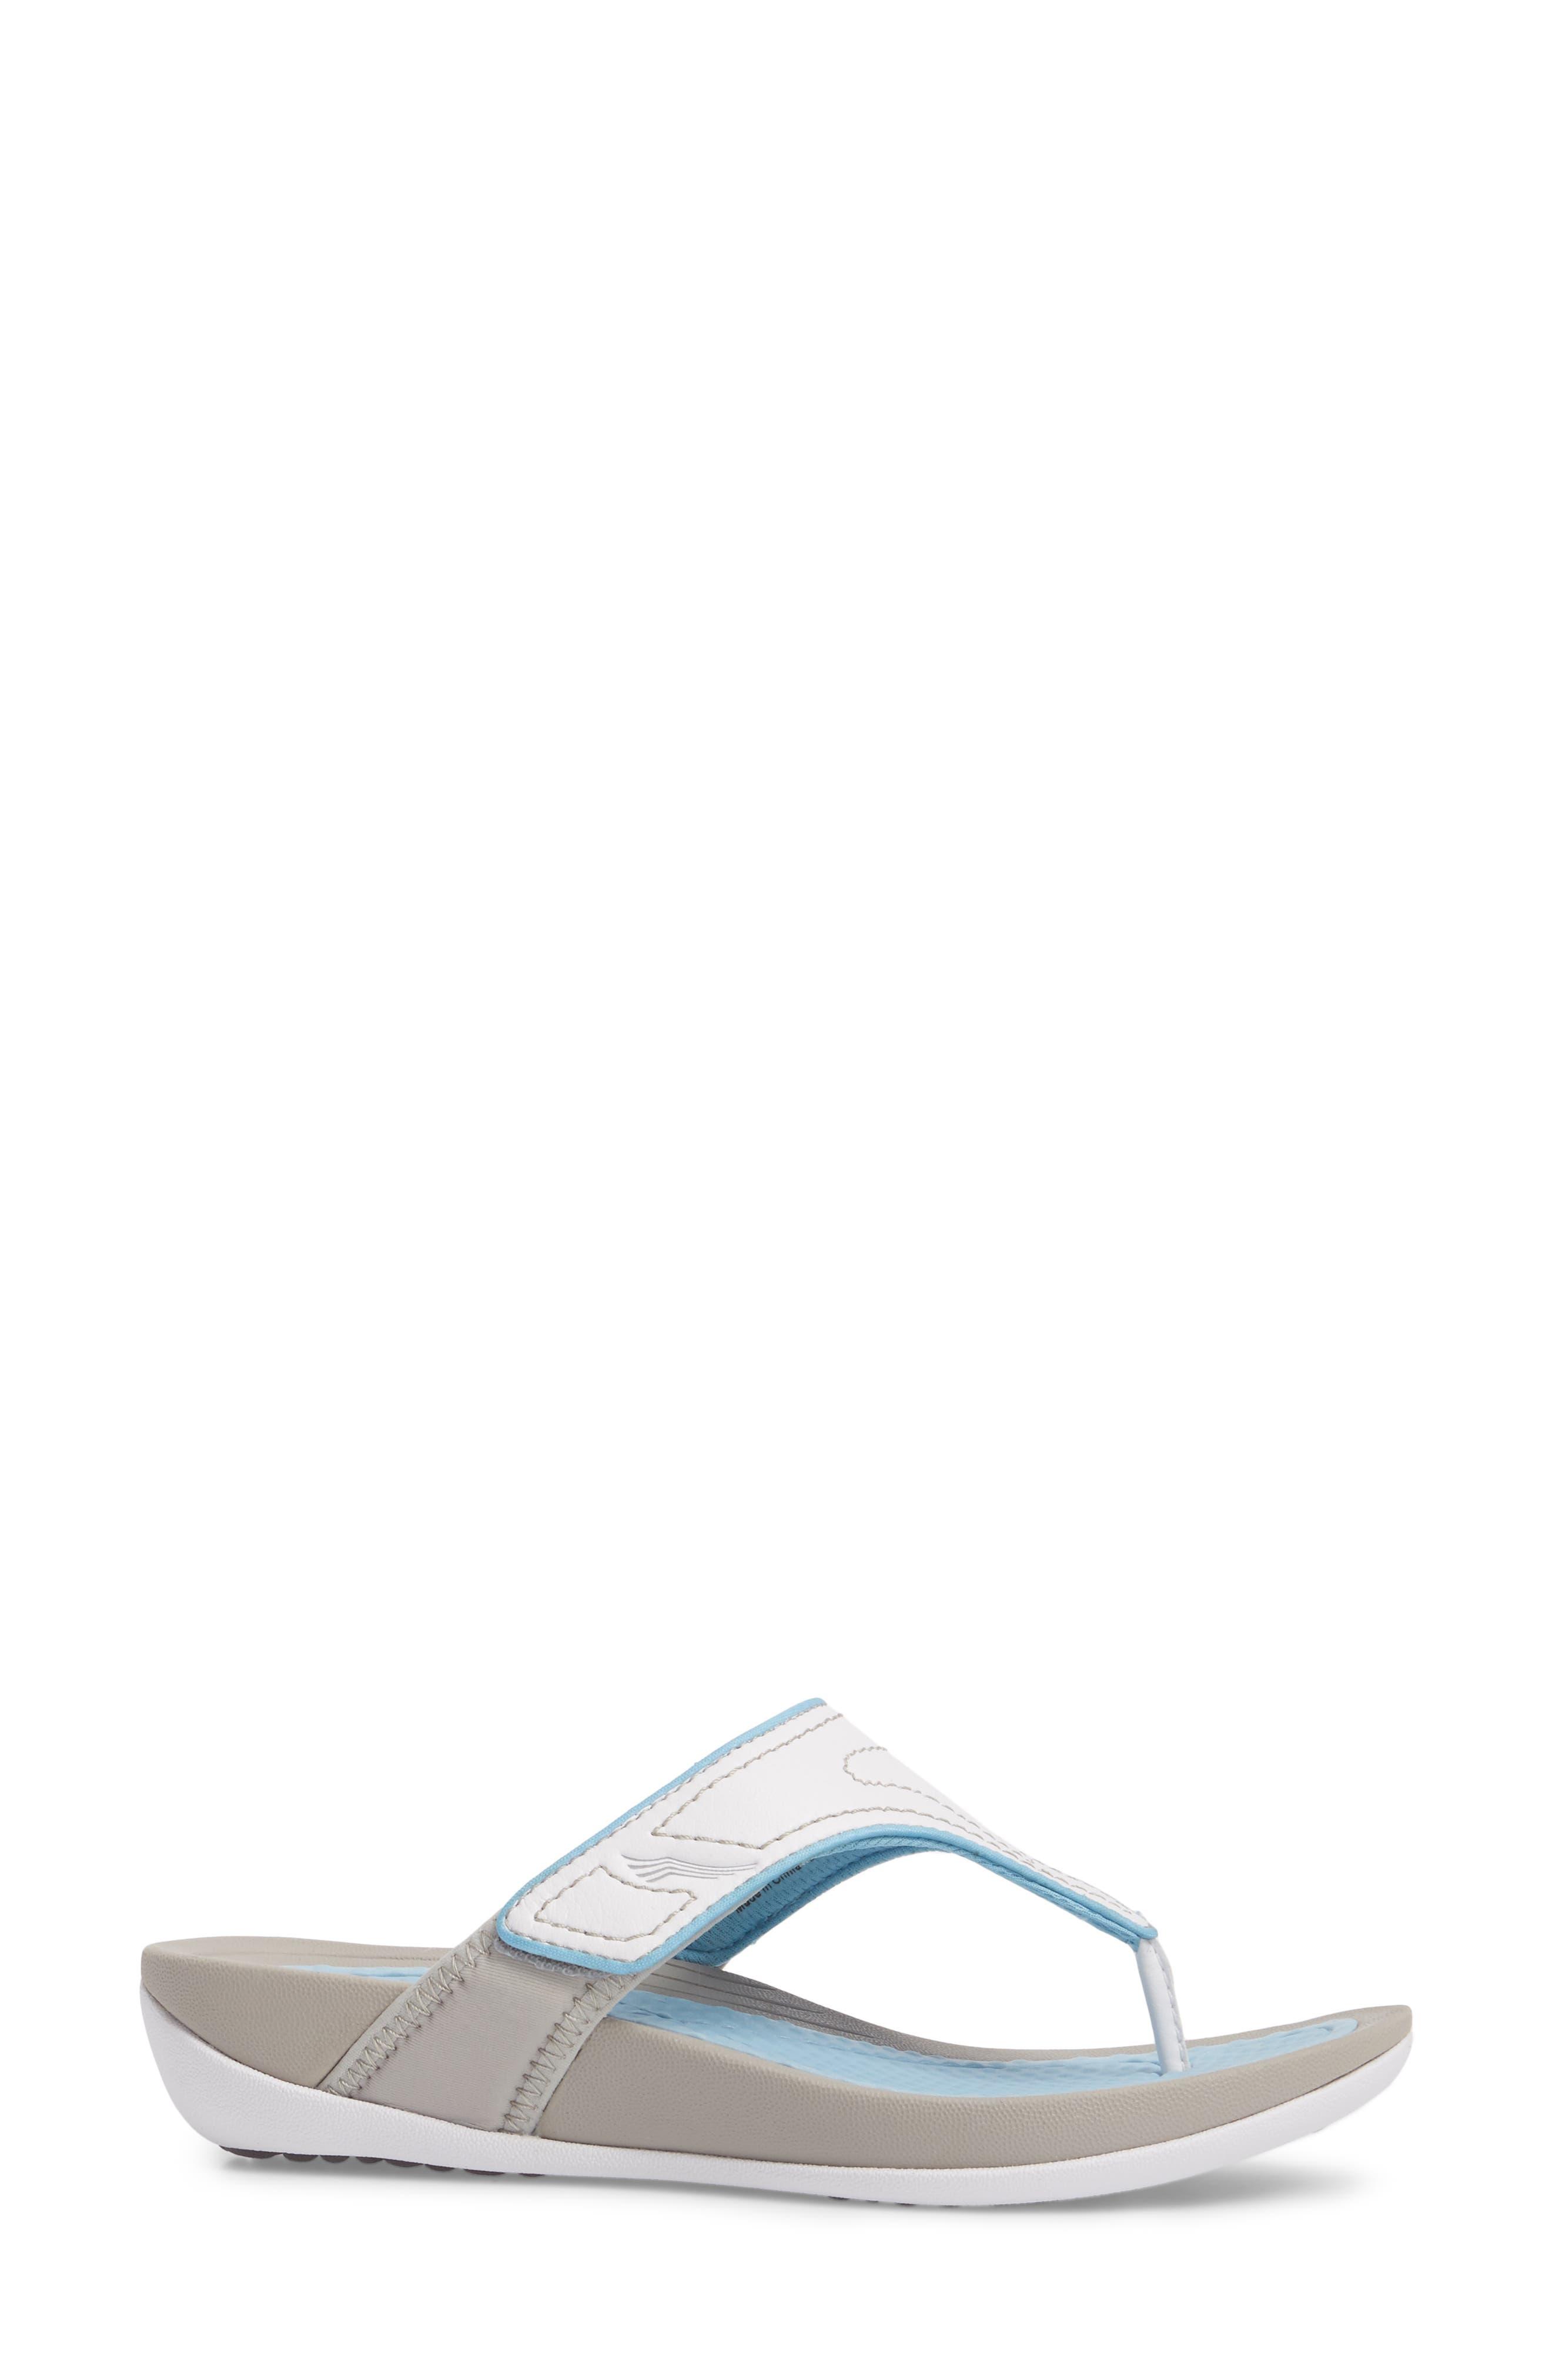 Alternate Image 3  - Dansko Katy 2 Thong Sandal (Women)